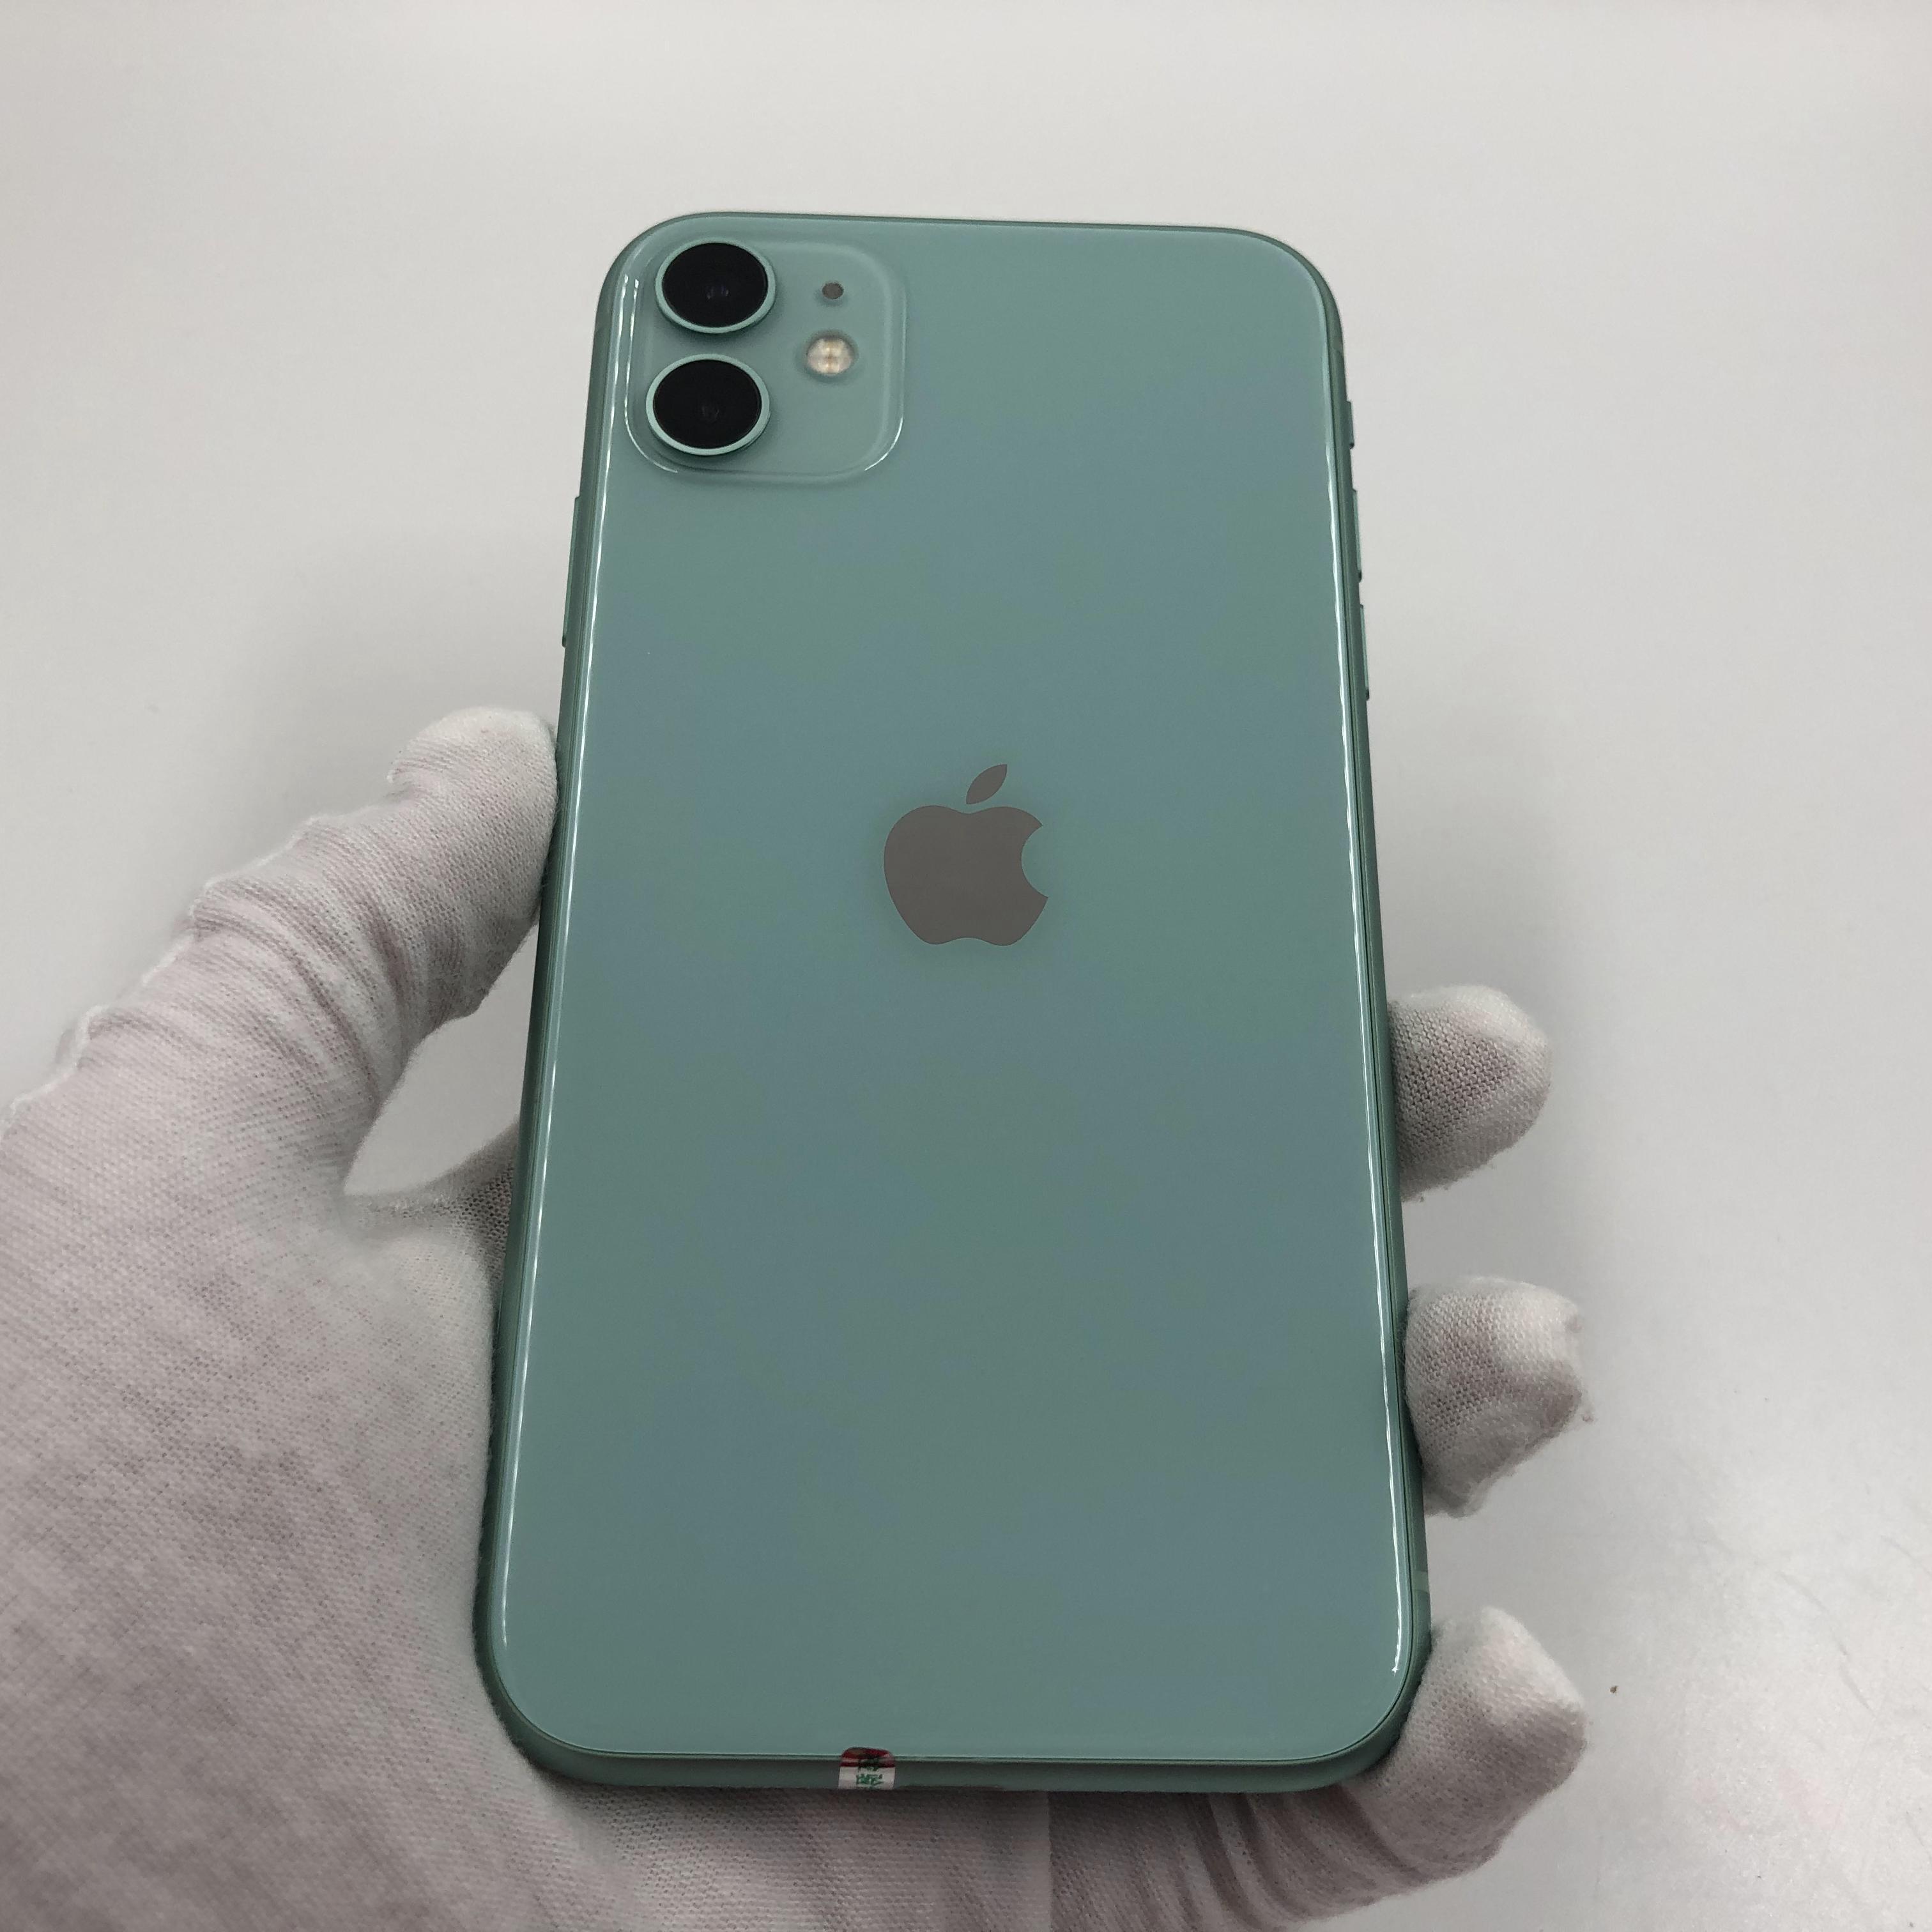 苹果【iPhone 11】4G全网通 绿色 128G 国行 8成新 真机实拍